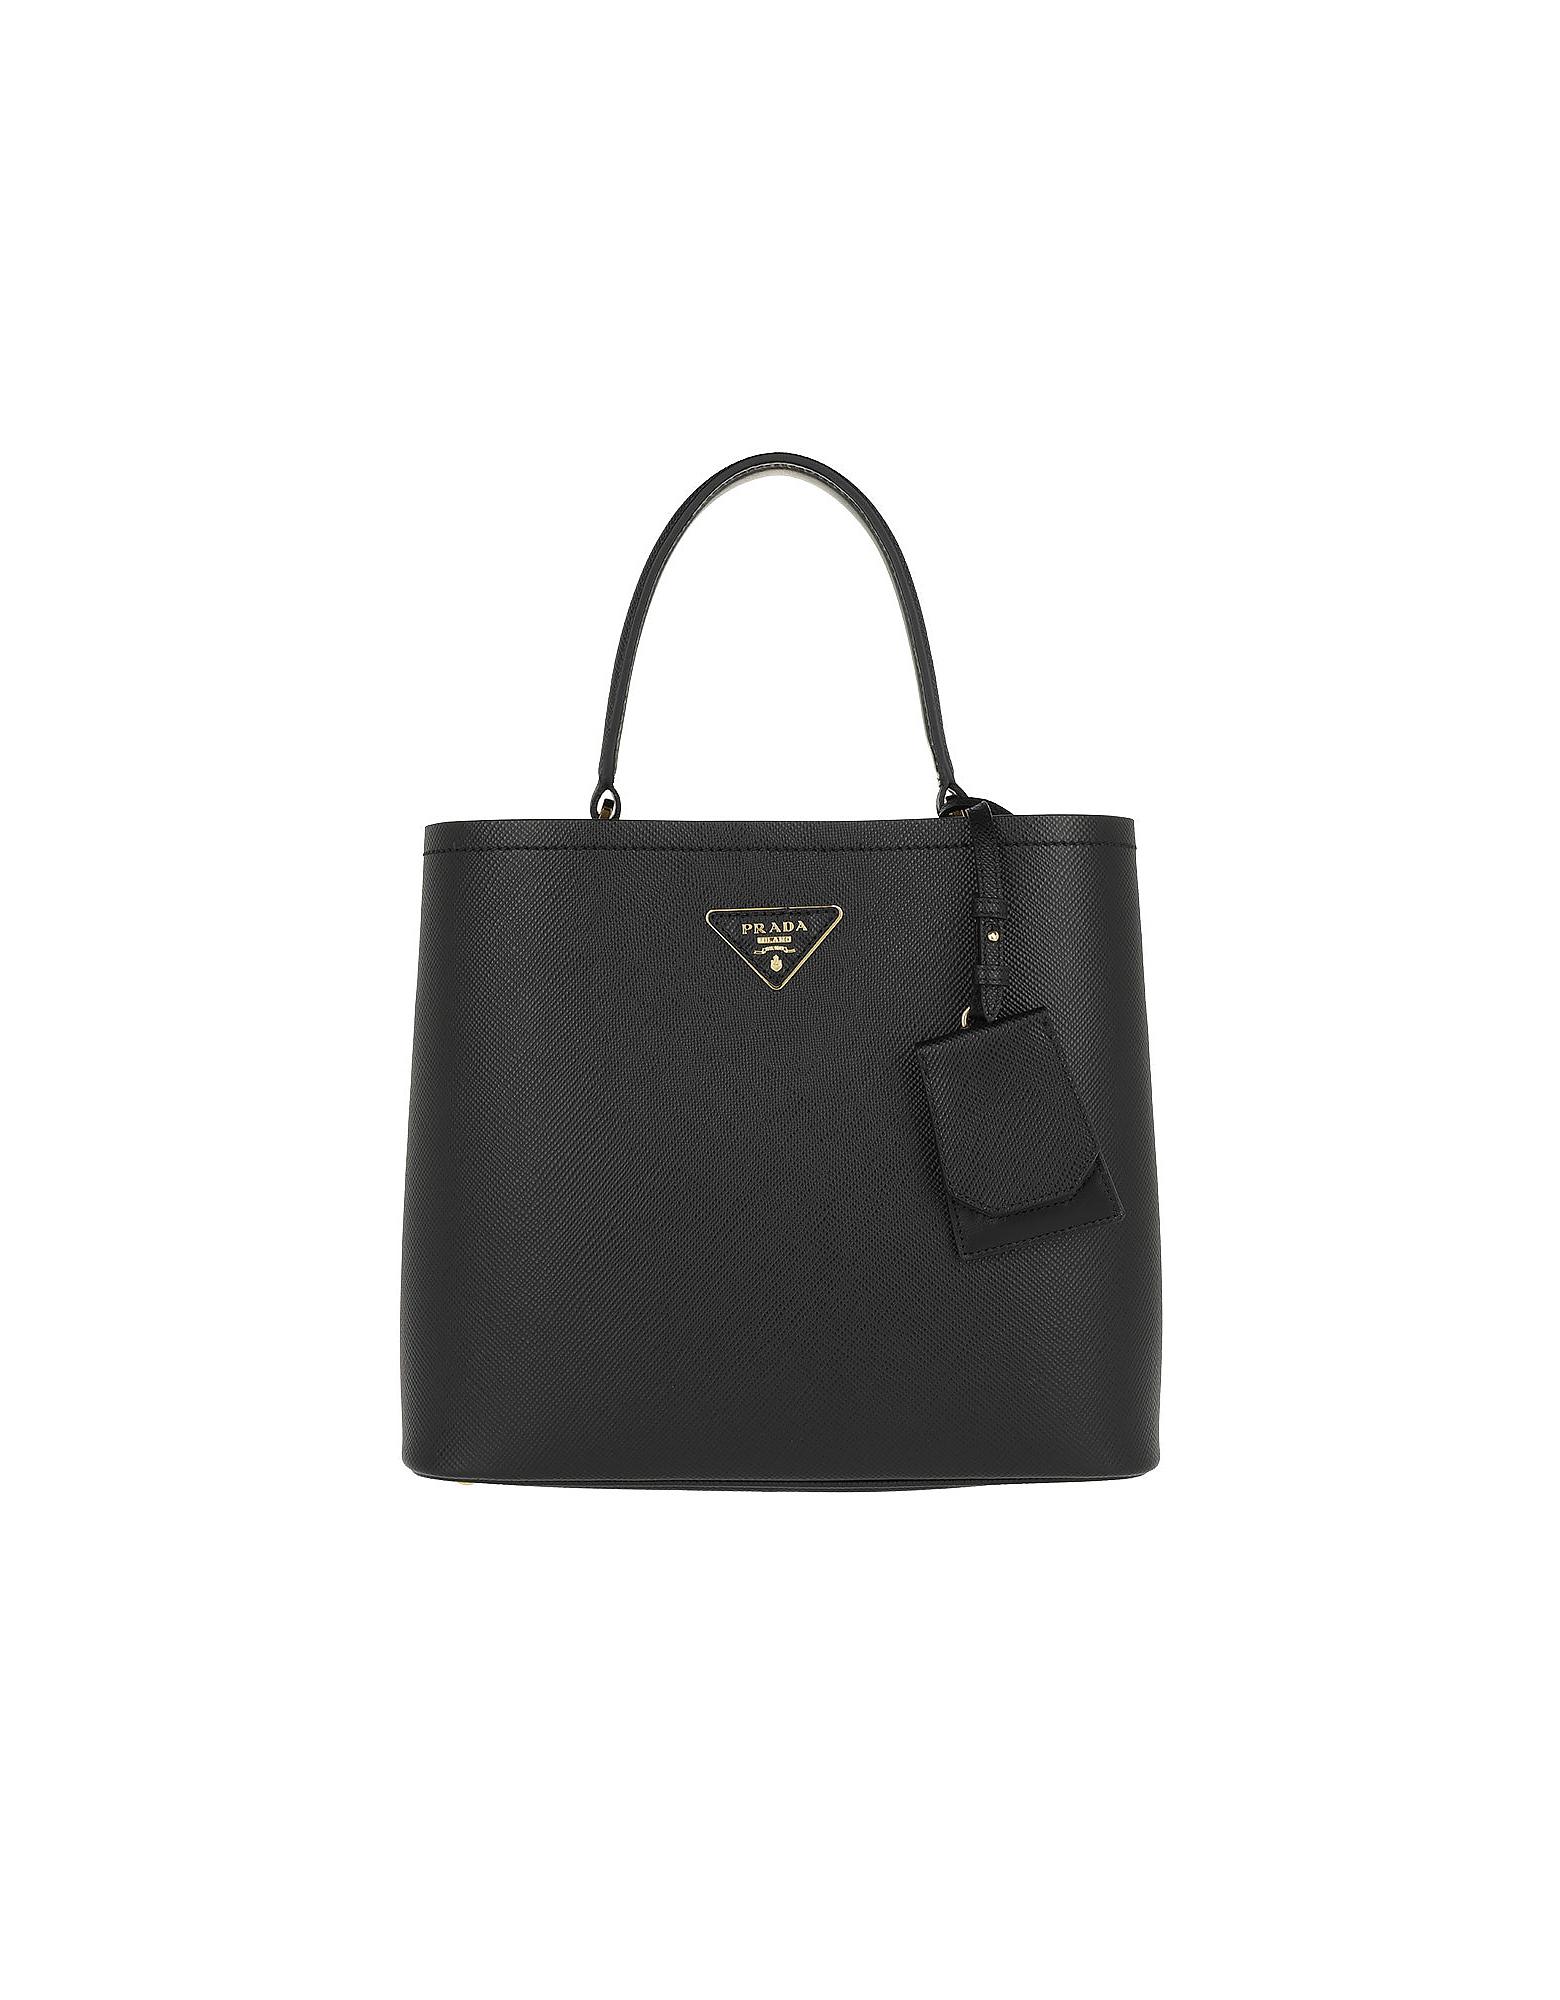 28fac80cef0e Prada Double Saffiano Leather Bag Nero/Fuoco In Black/Red | ModeSens